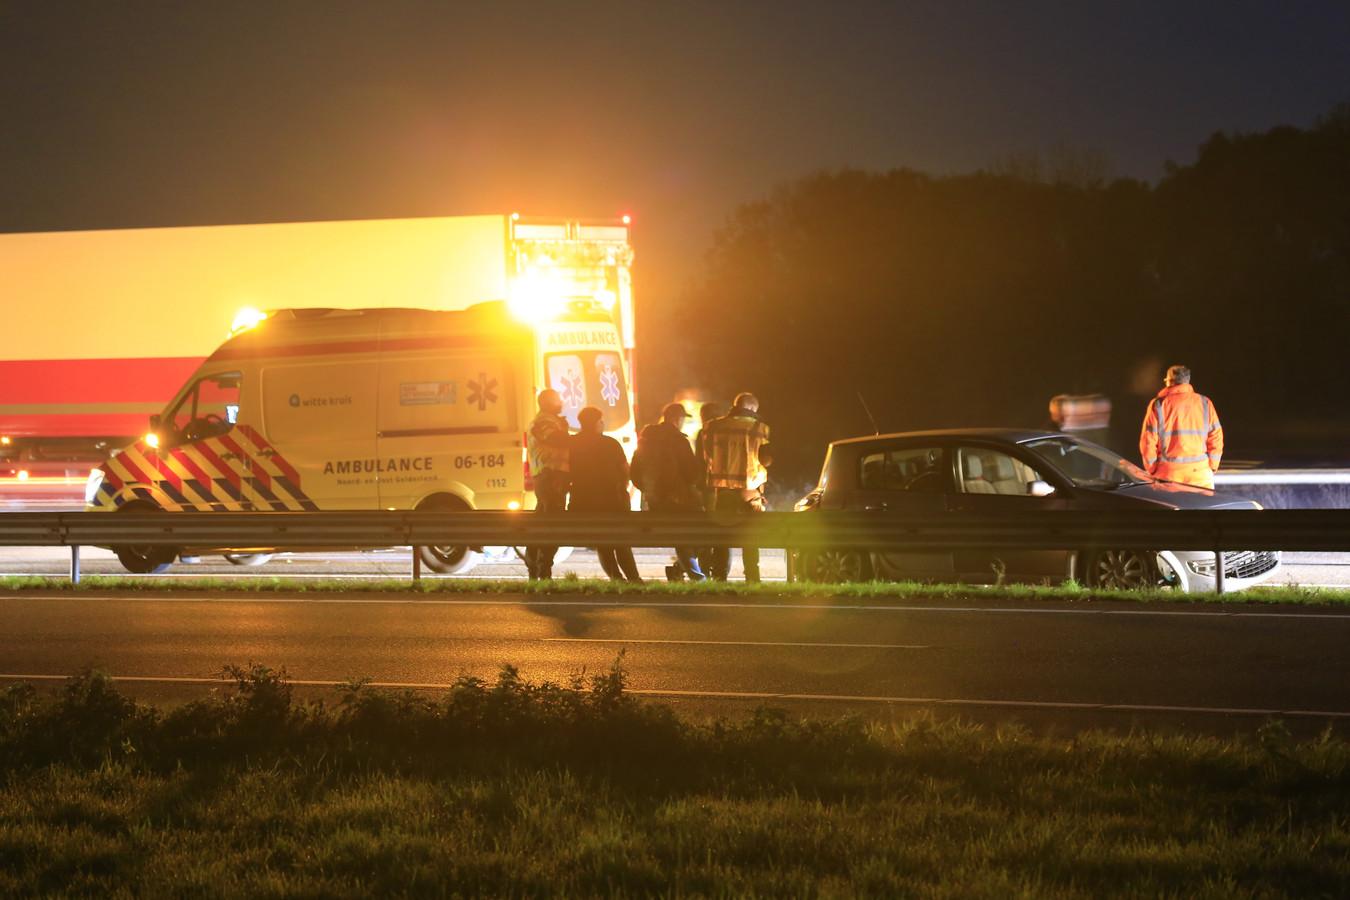 Door onbekende reden kwamen een vrachtwagen en twee personenauto's met elkaar in botsing op de A28 bij Putten. Beide personenauto's liepen flinke schade op. Een bestuurder is nagekeken in een ambulance maar kon zijn weg vervolgen.